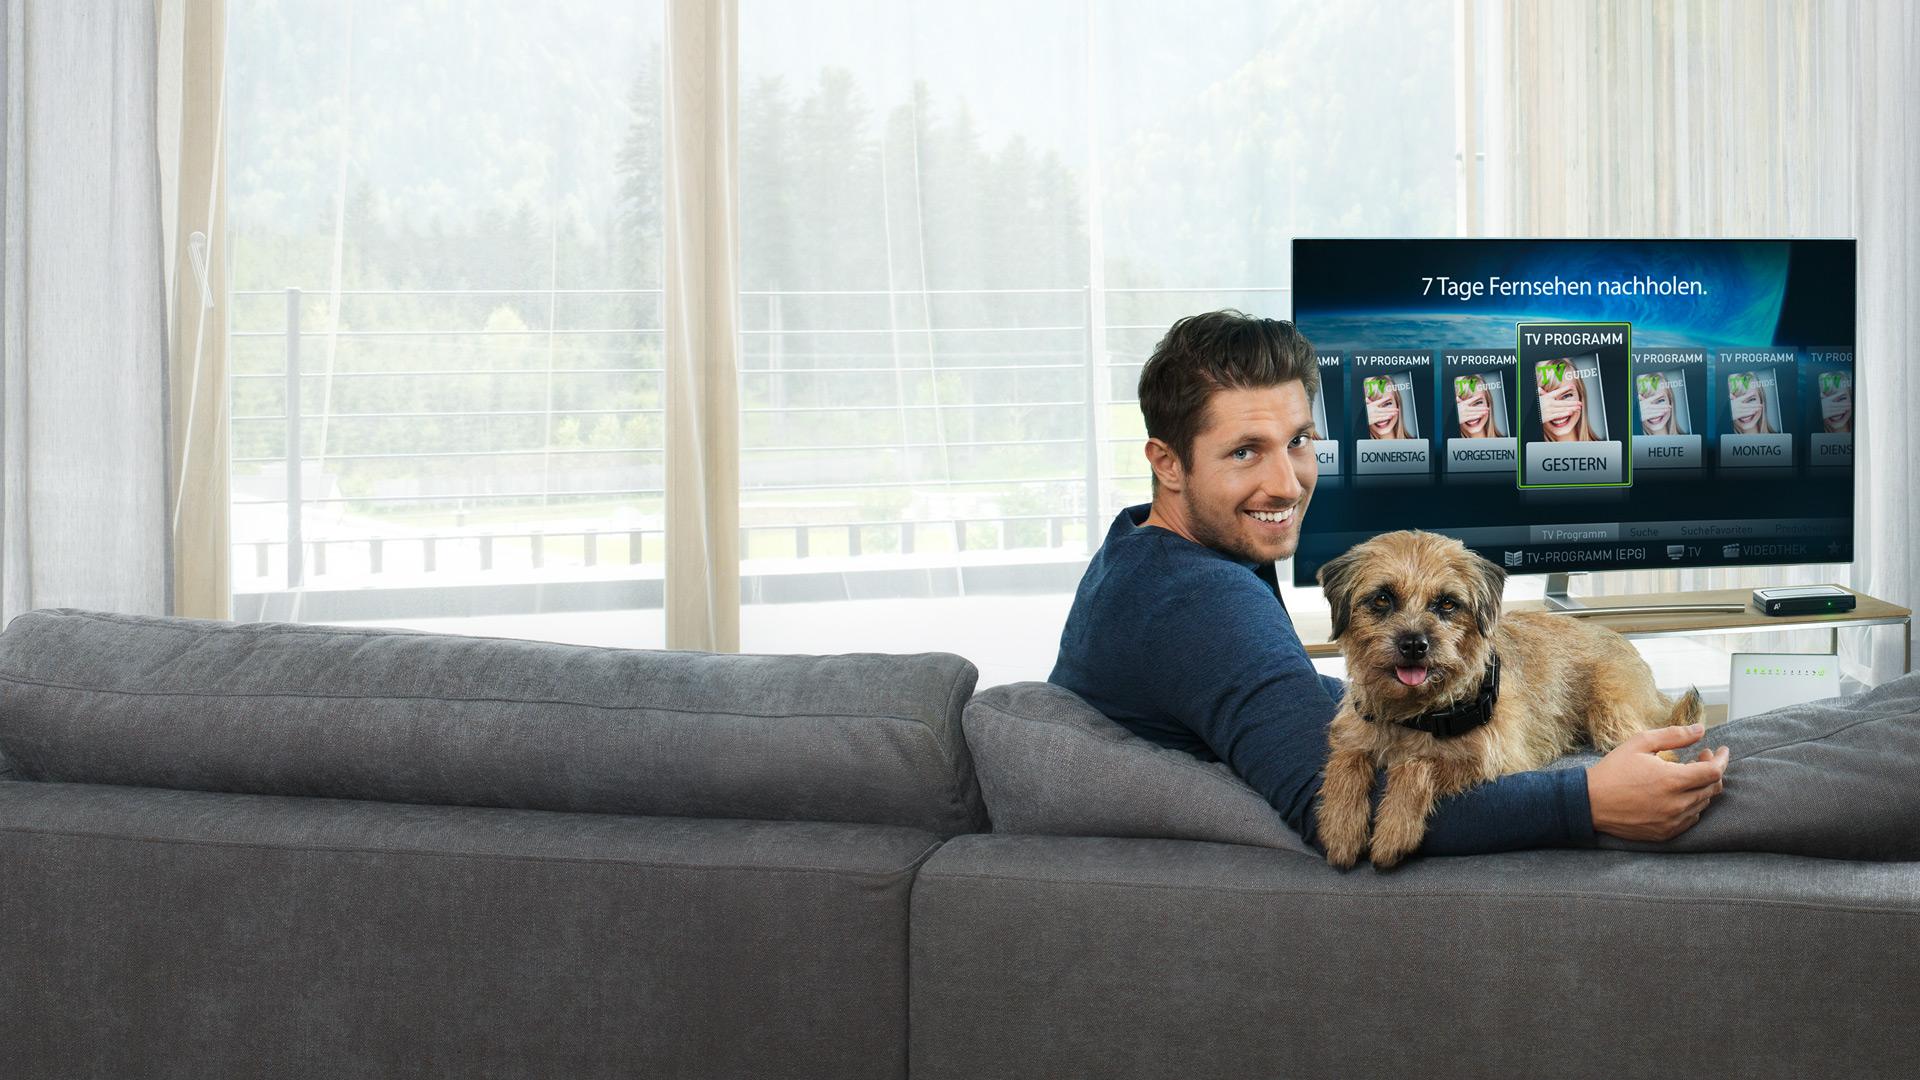 Marcel Hirscher mit Hund auf Couch